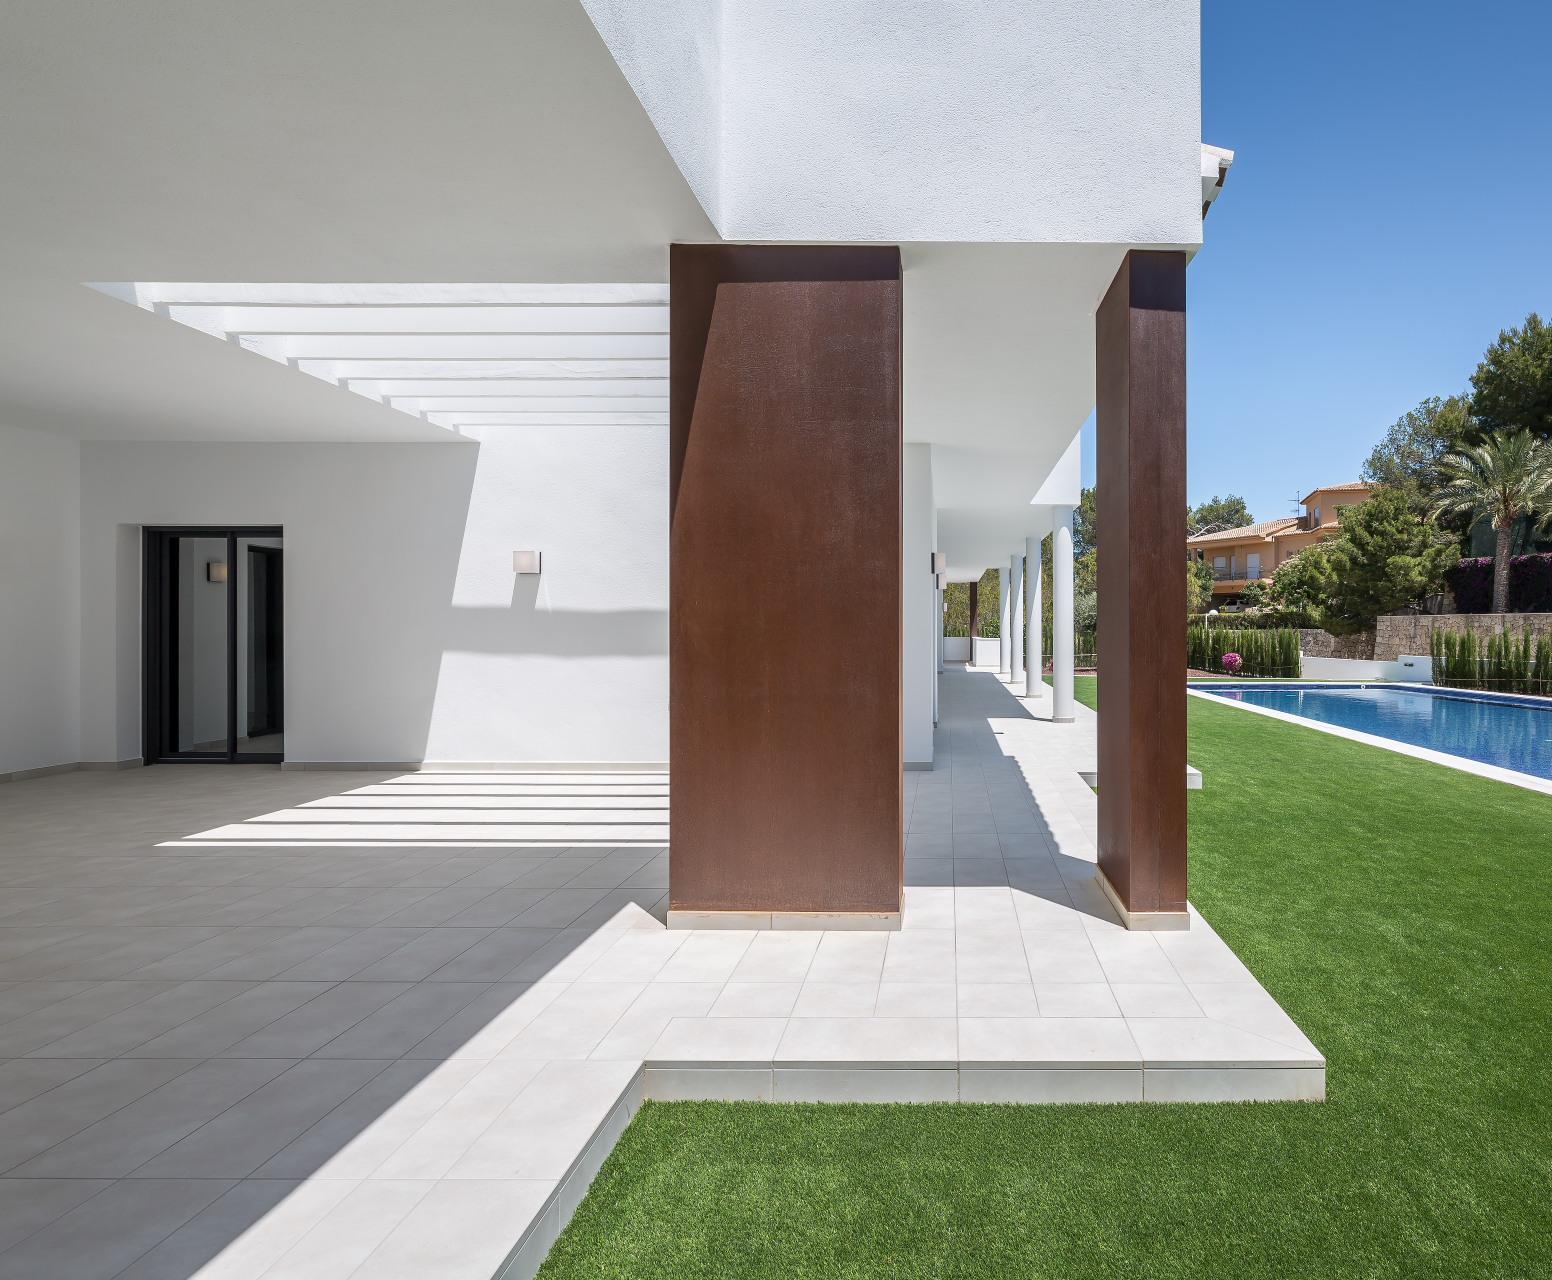 fotografia-arquitectura-interiorismo-valencia-alicante-moraira-german-cabo-laura-yerpes (4)